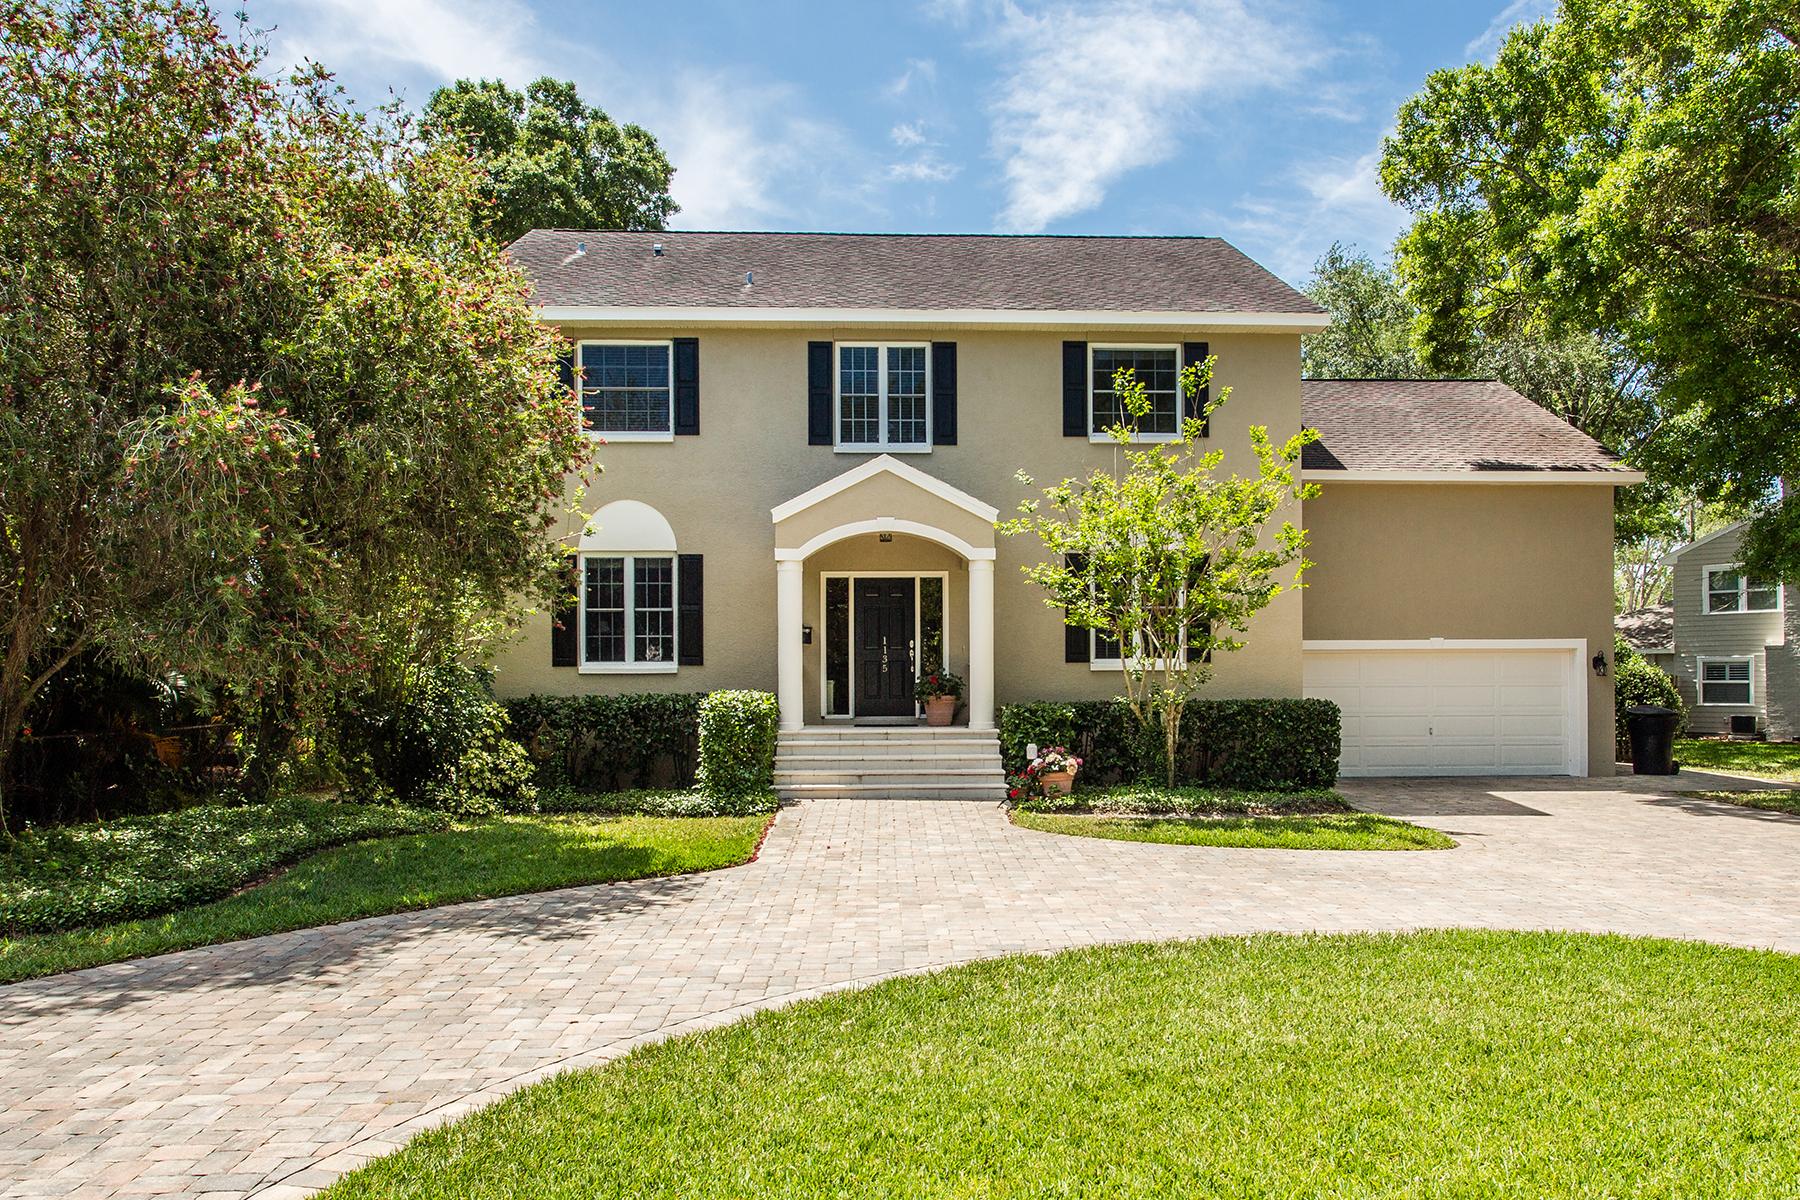 独户住宅 为 销售 在 SNELL ISLE 1135 Monterey Blvd NE 圣彼得堡, 佛罗里达州, 33704 美国